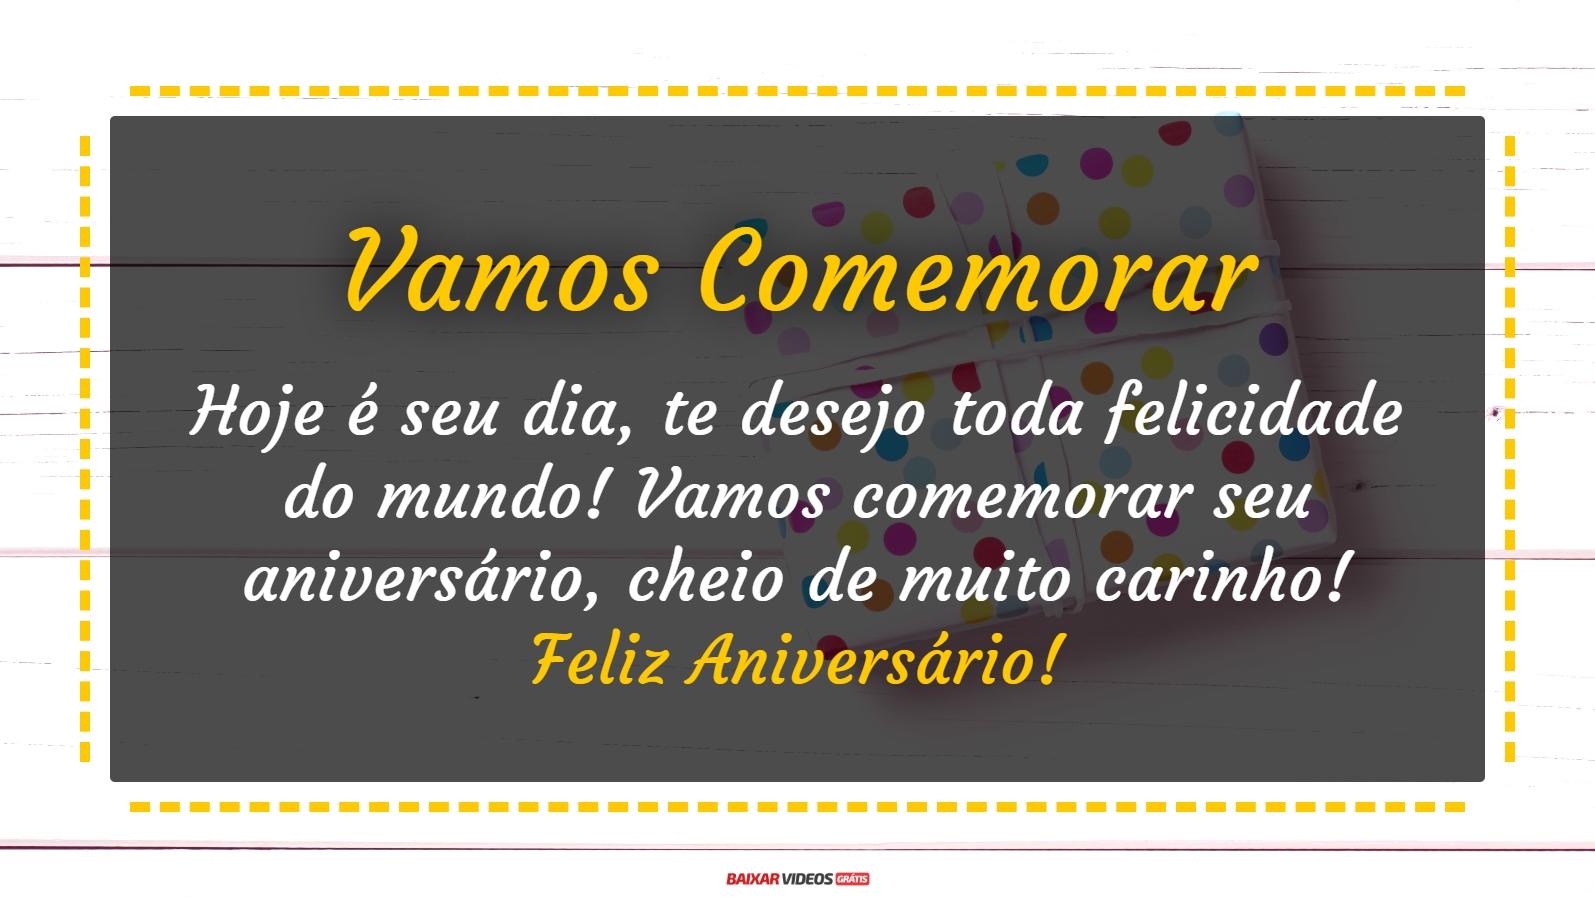 Hoje é seu dia, te desejo toda felicidade do mundo! Vamos comemorar seu aniversário, cheio de muito carinho! Feliz Aniversário!